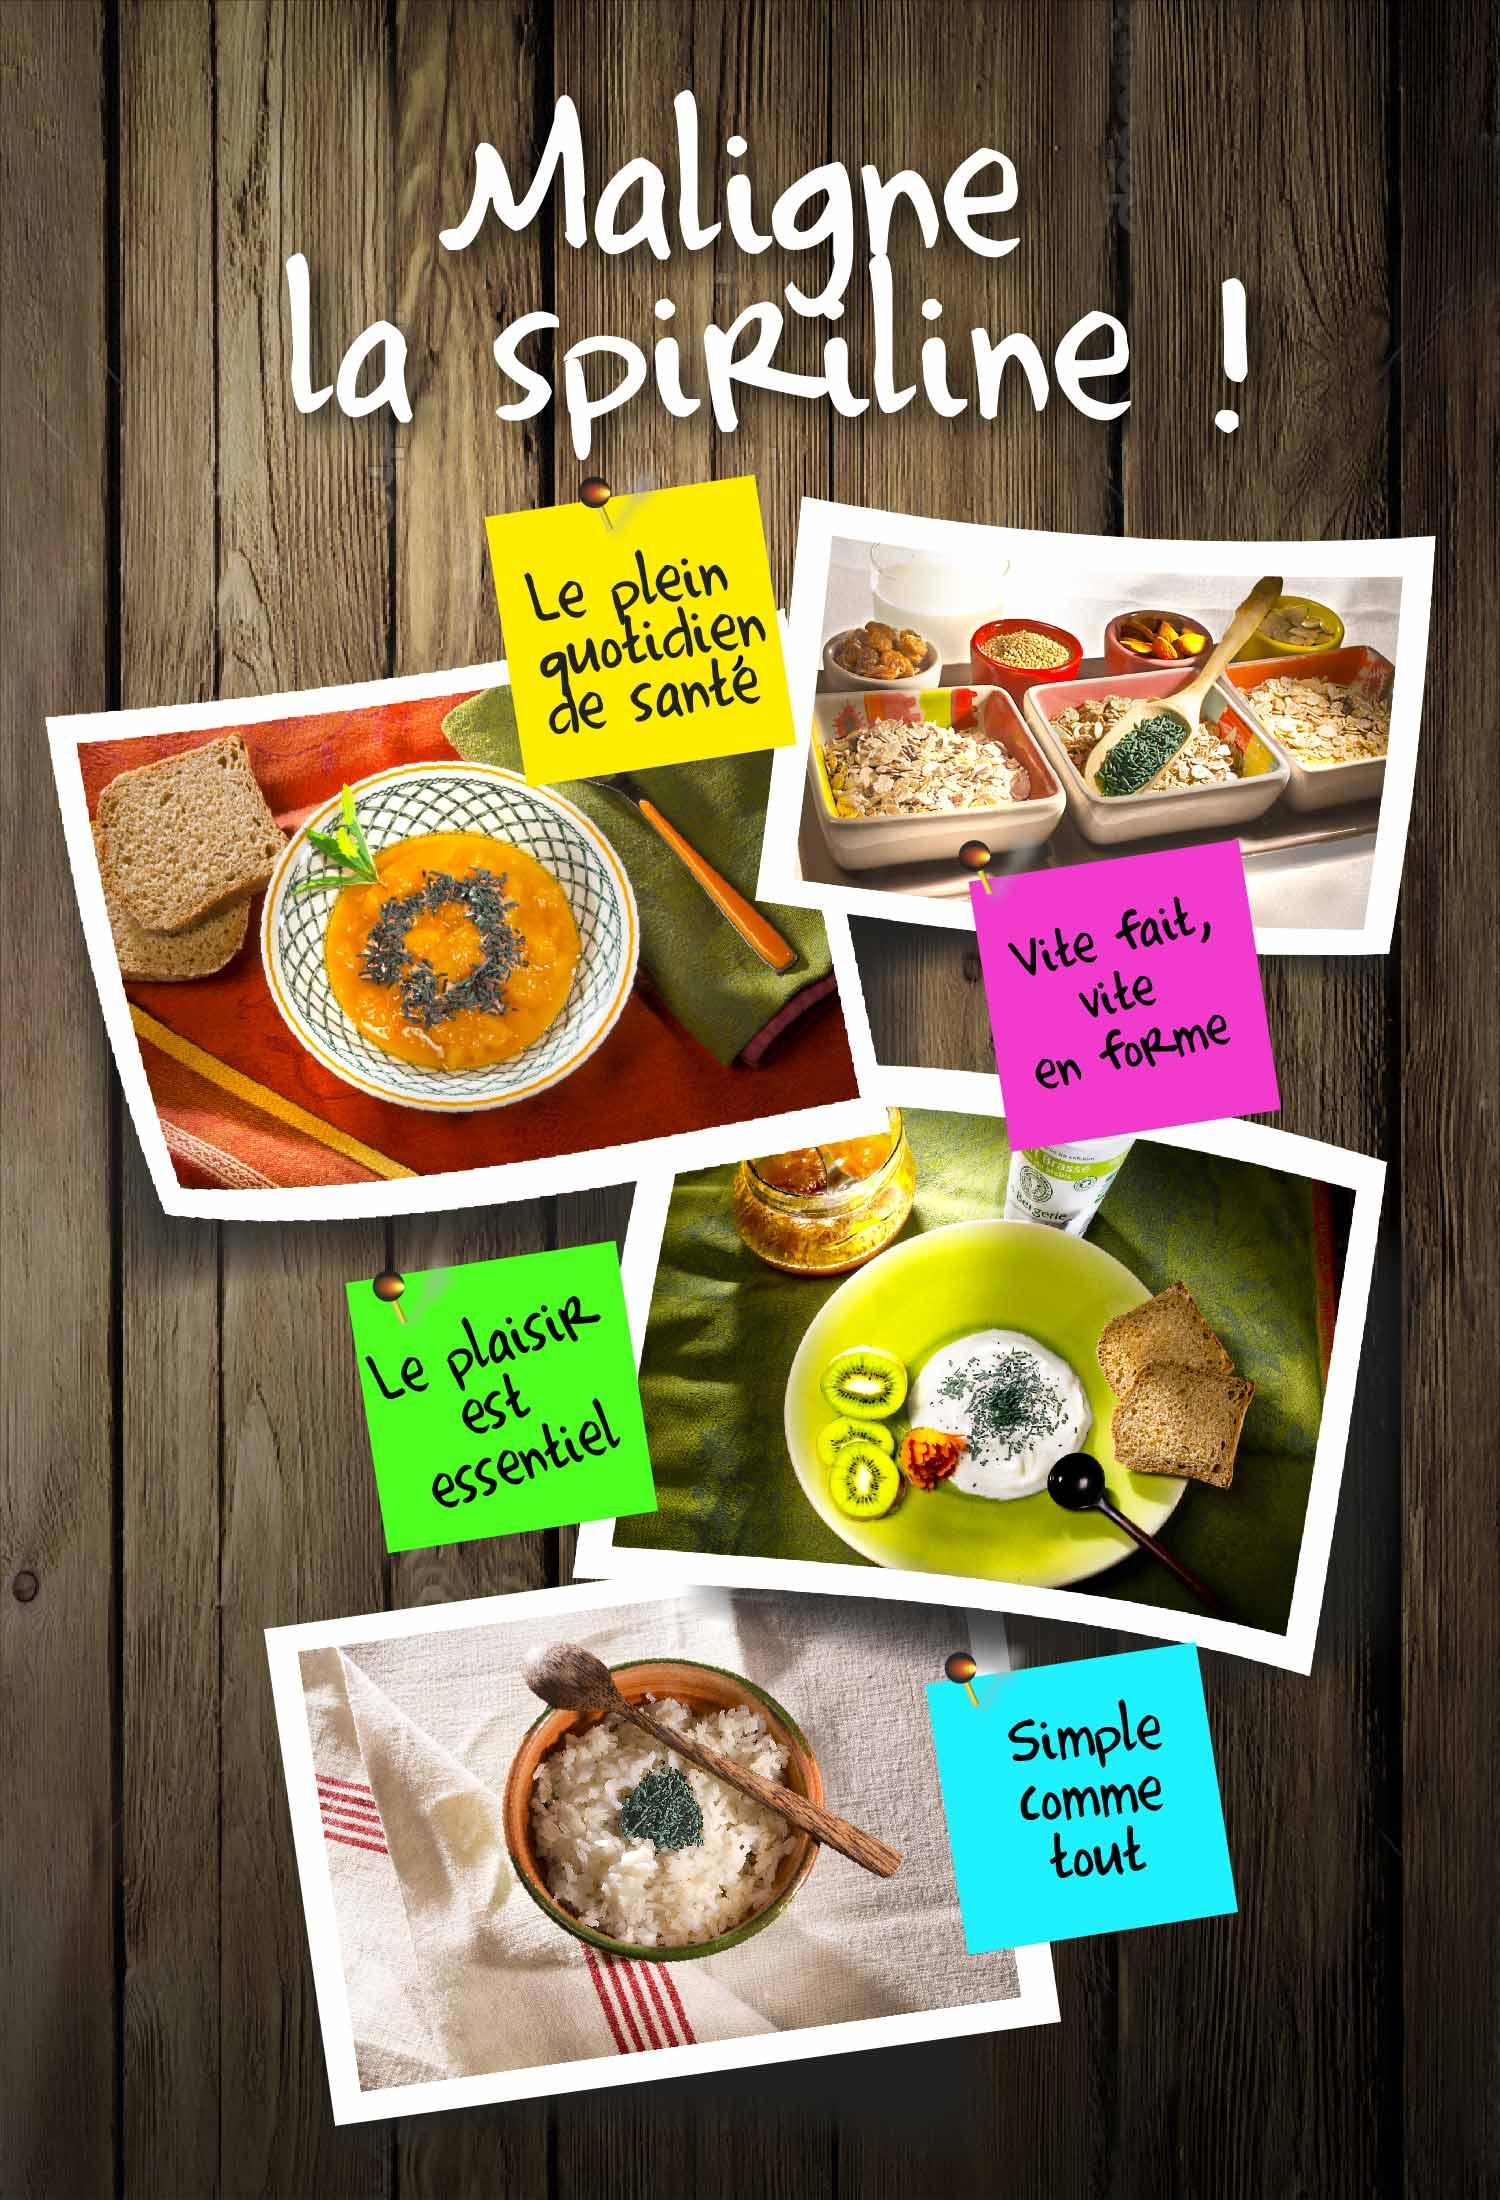 Maligne-La-Spiruline